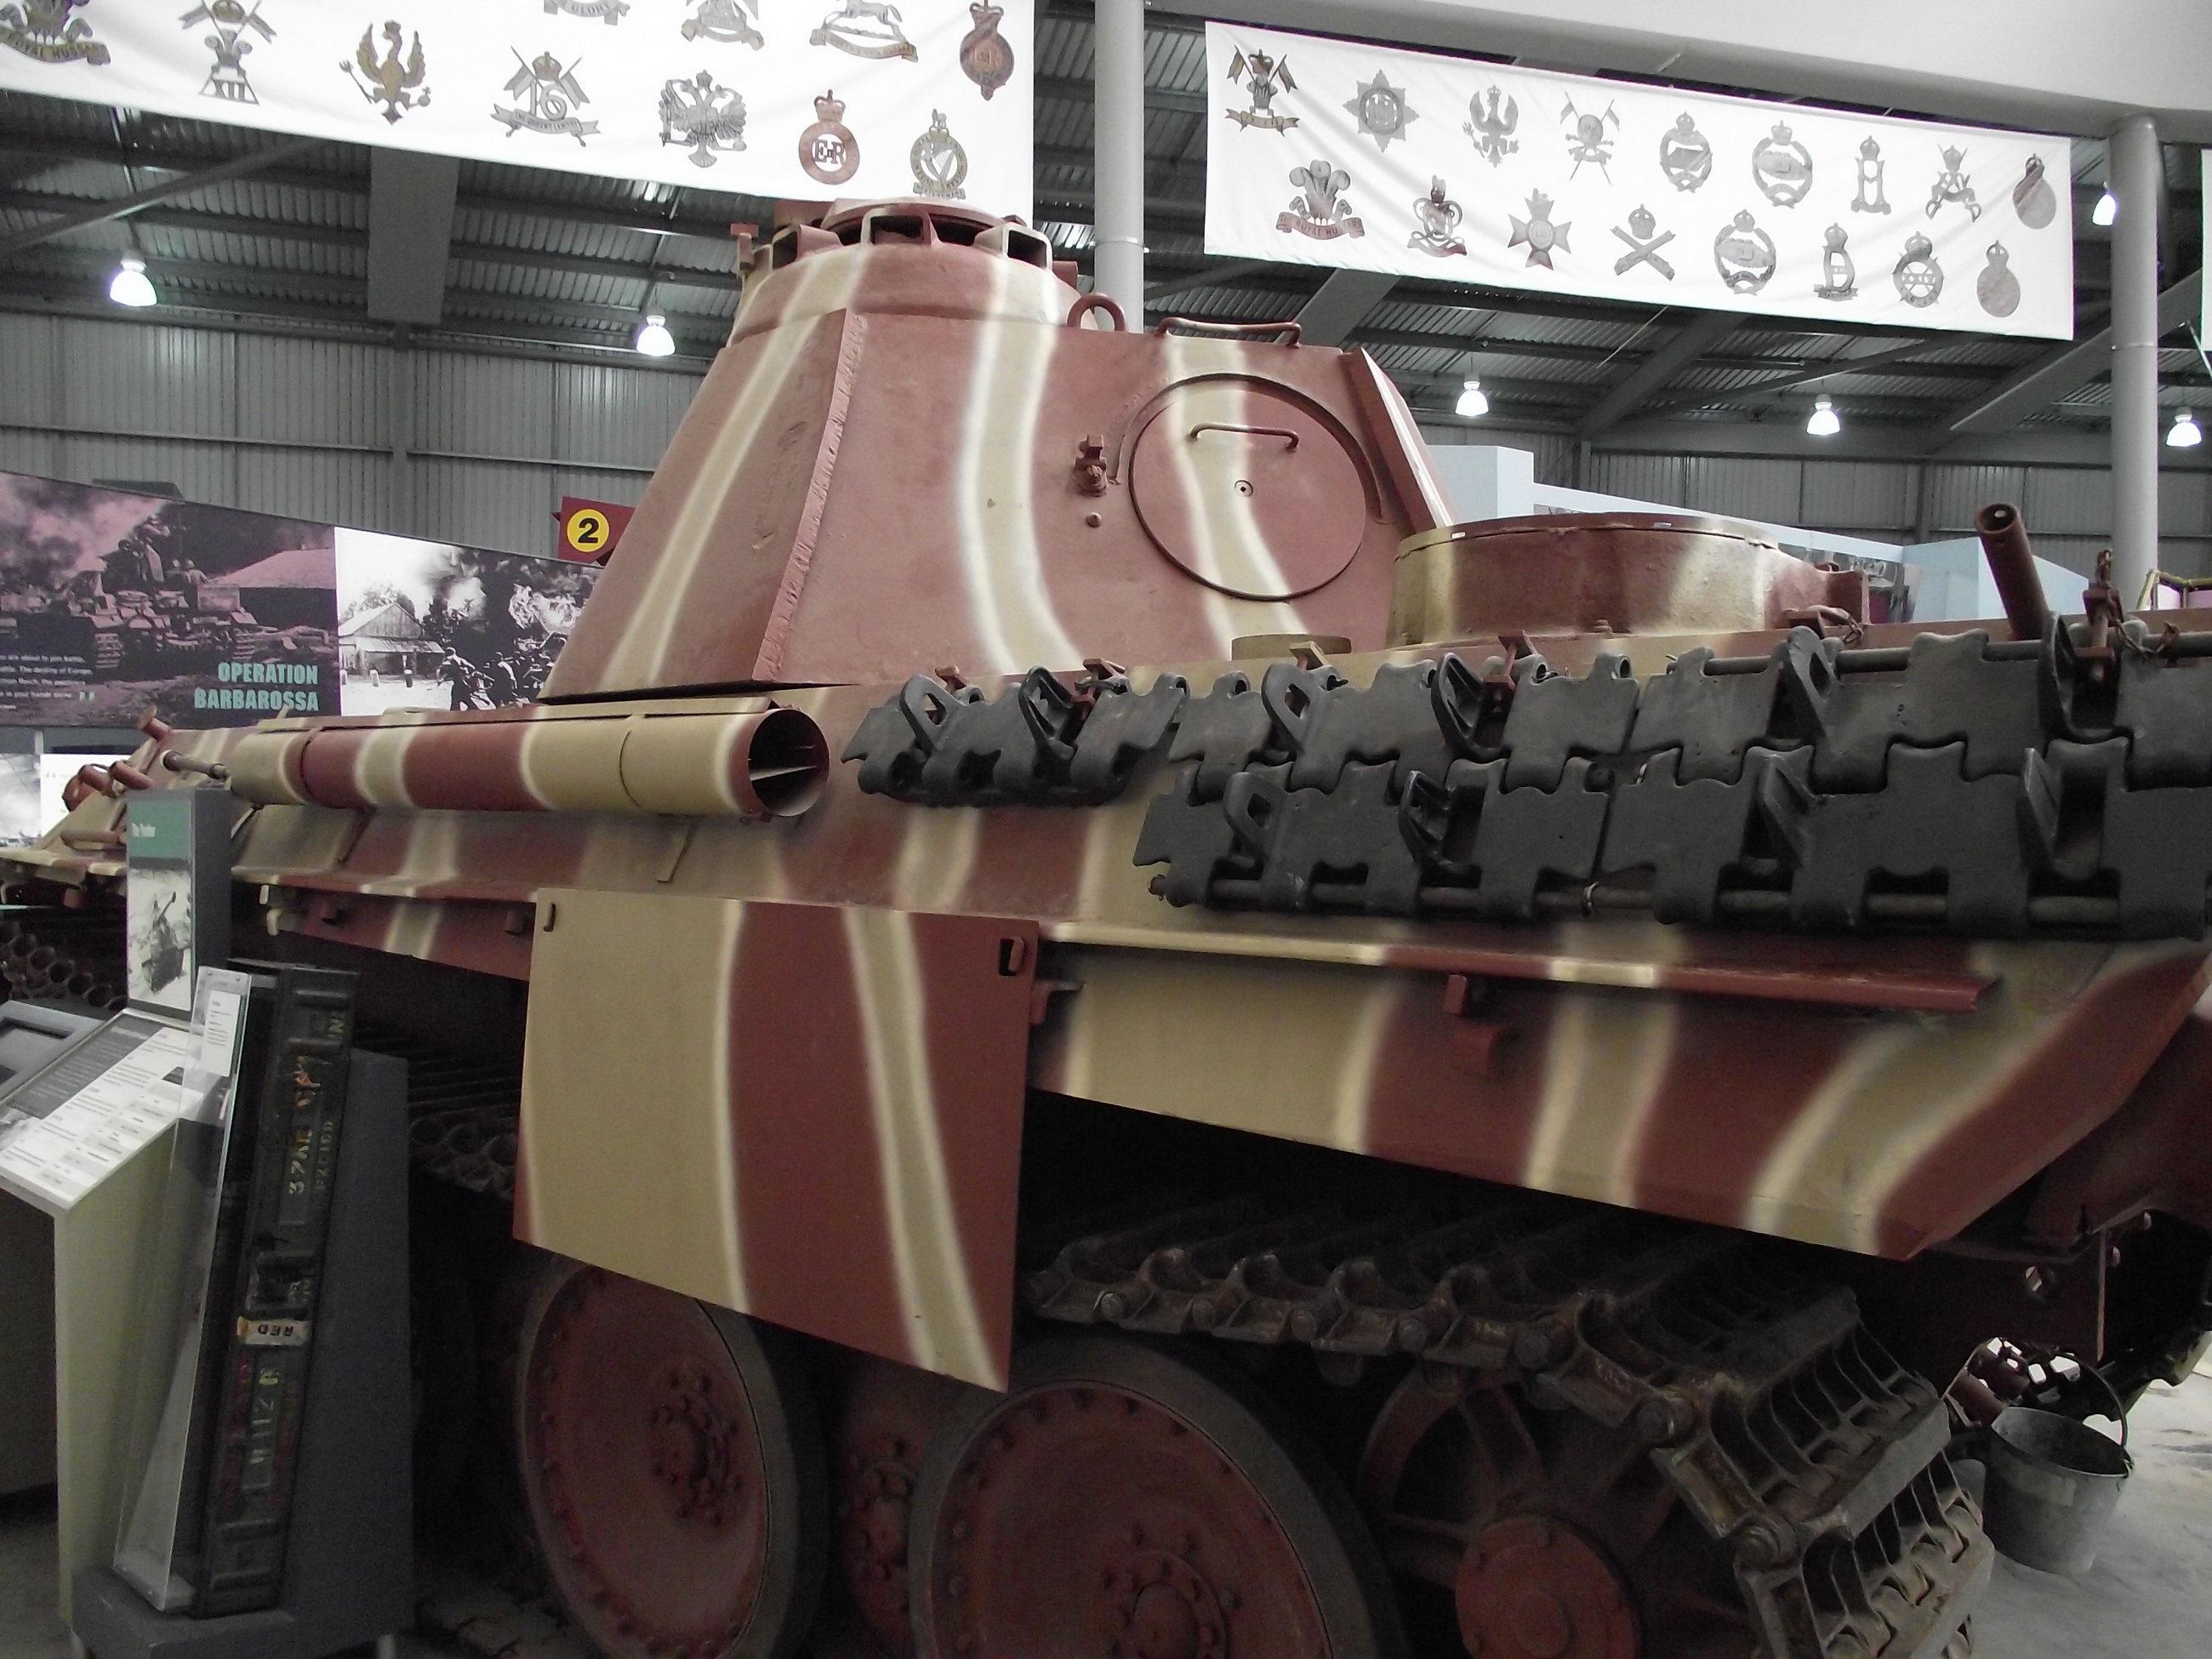 Tank_Museum_20180919_008.jpg